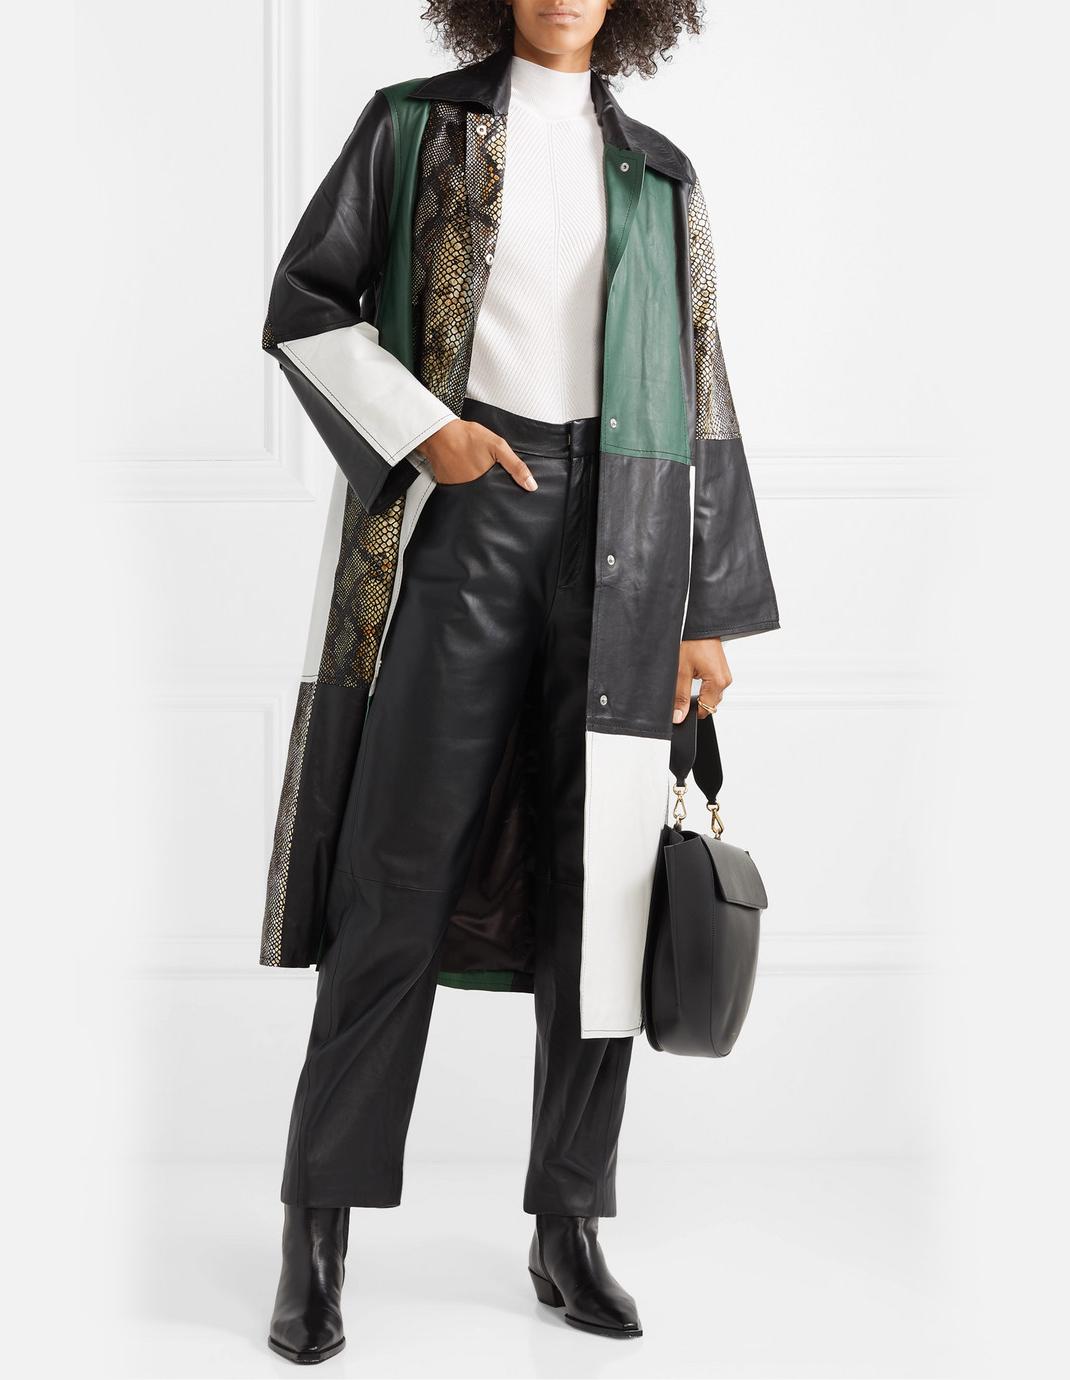 γυναίκα με παλτό Stand